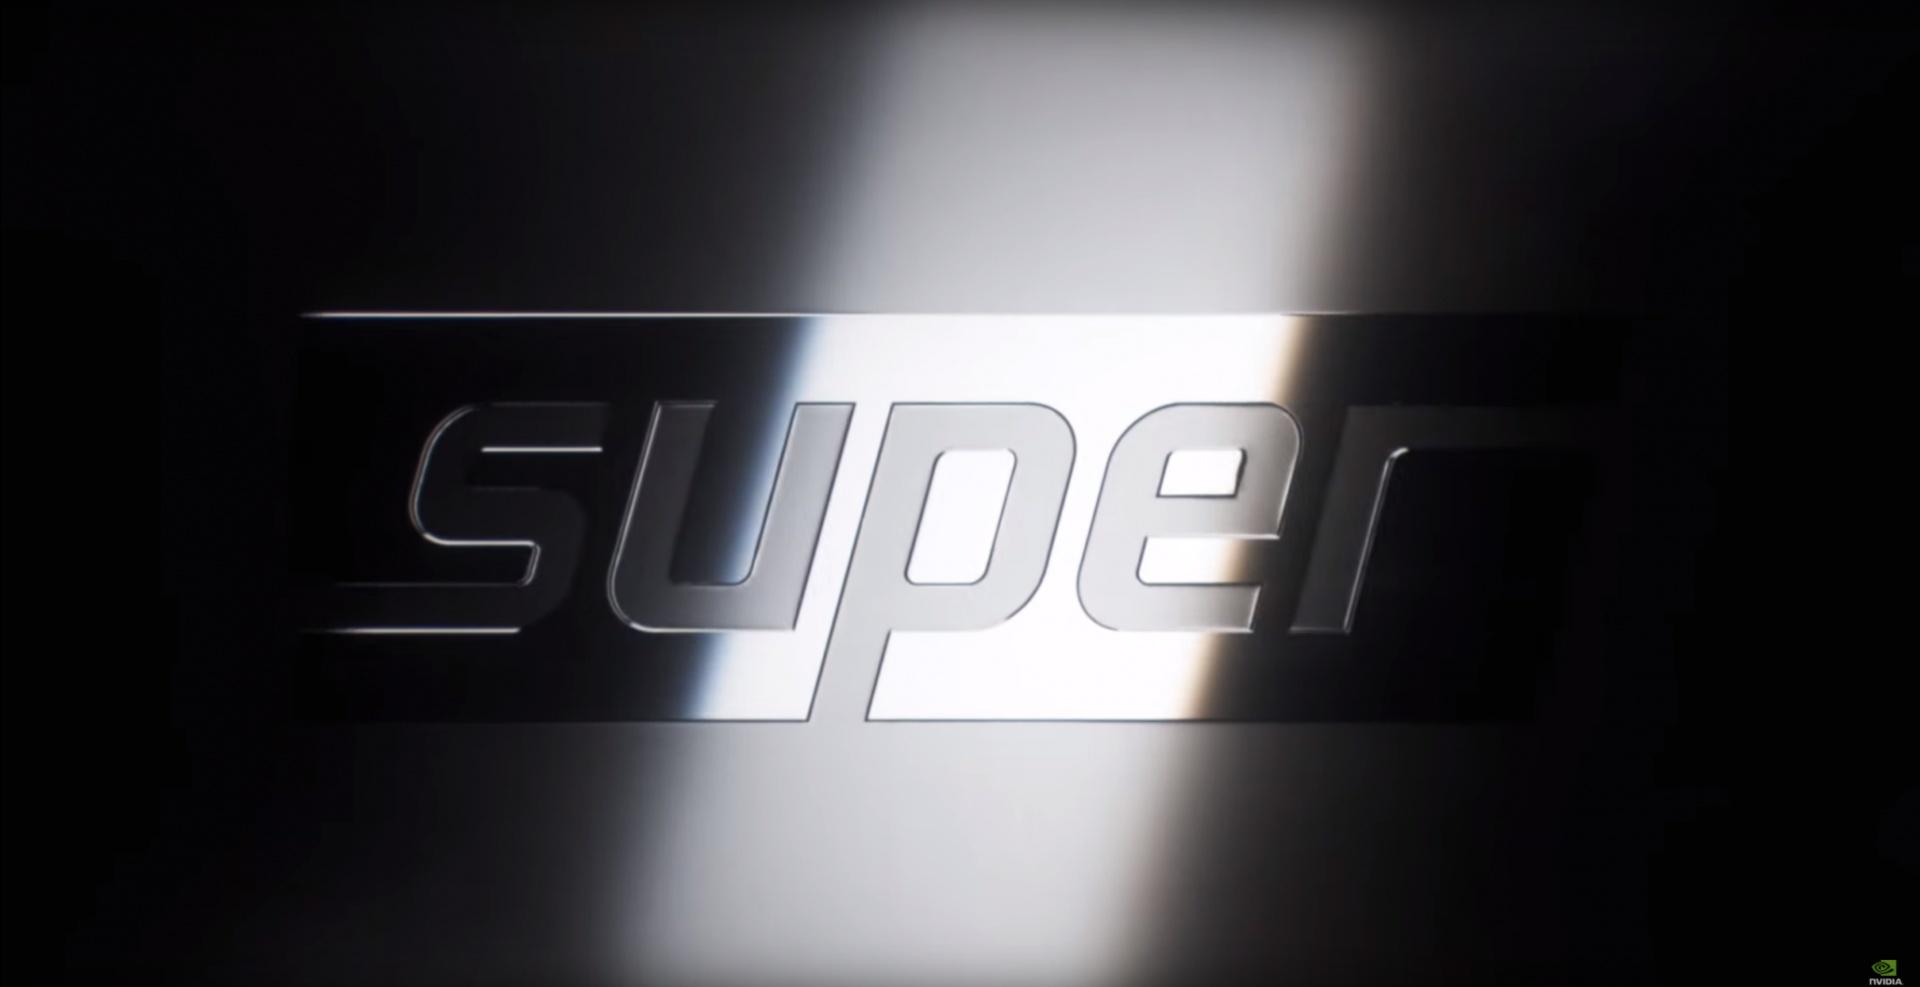 Утечка раскрыла цены видеокарт NVIDIA RTX Super